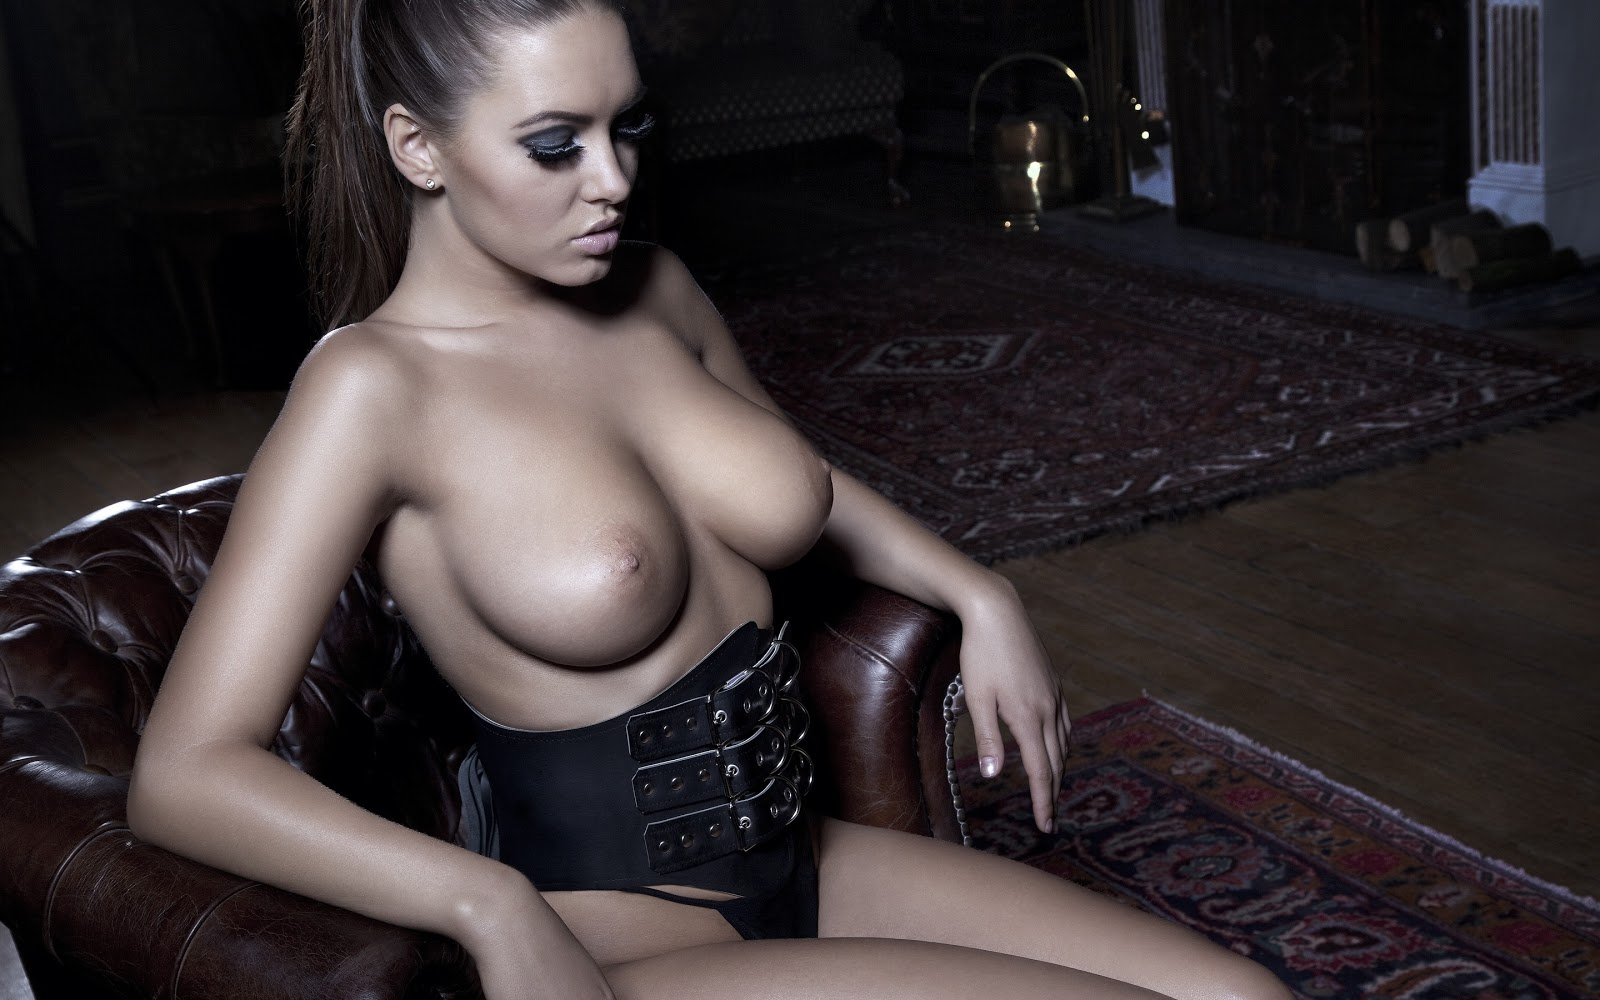 http://1.bp.blogspot.com/-gcyyT0-3gFY/UKGMRNfLqjI/AAAAAAAACxo/nYOuO3hXMPw/s1600/Sabine+Jemeljanova+01.jpg